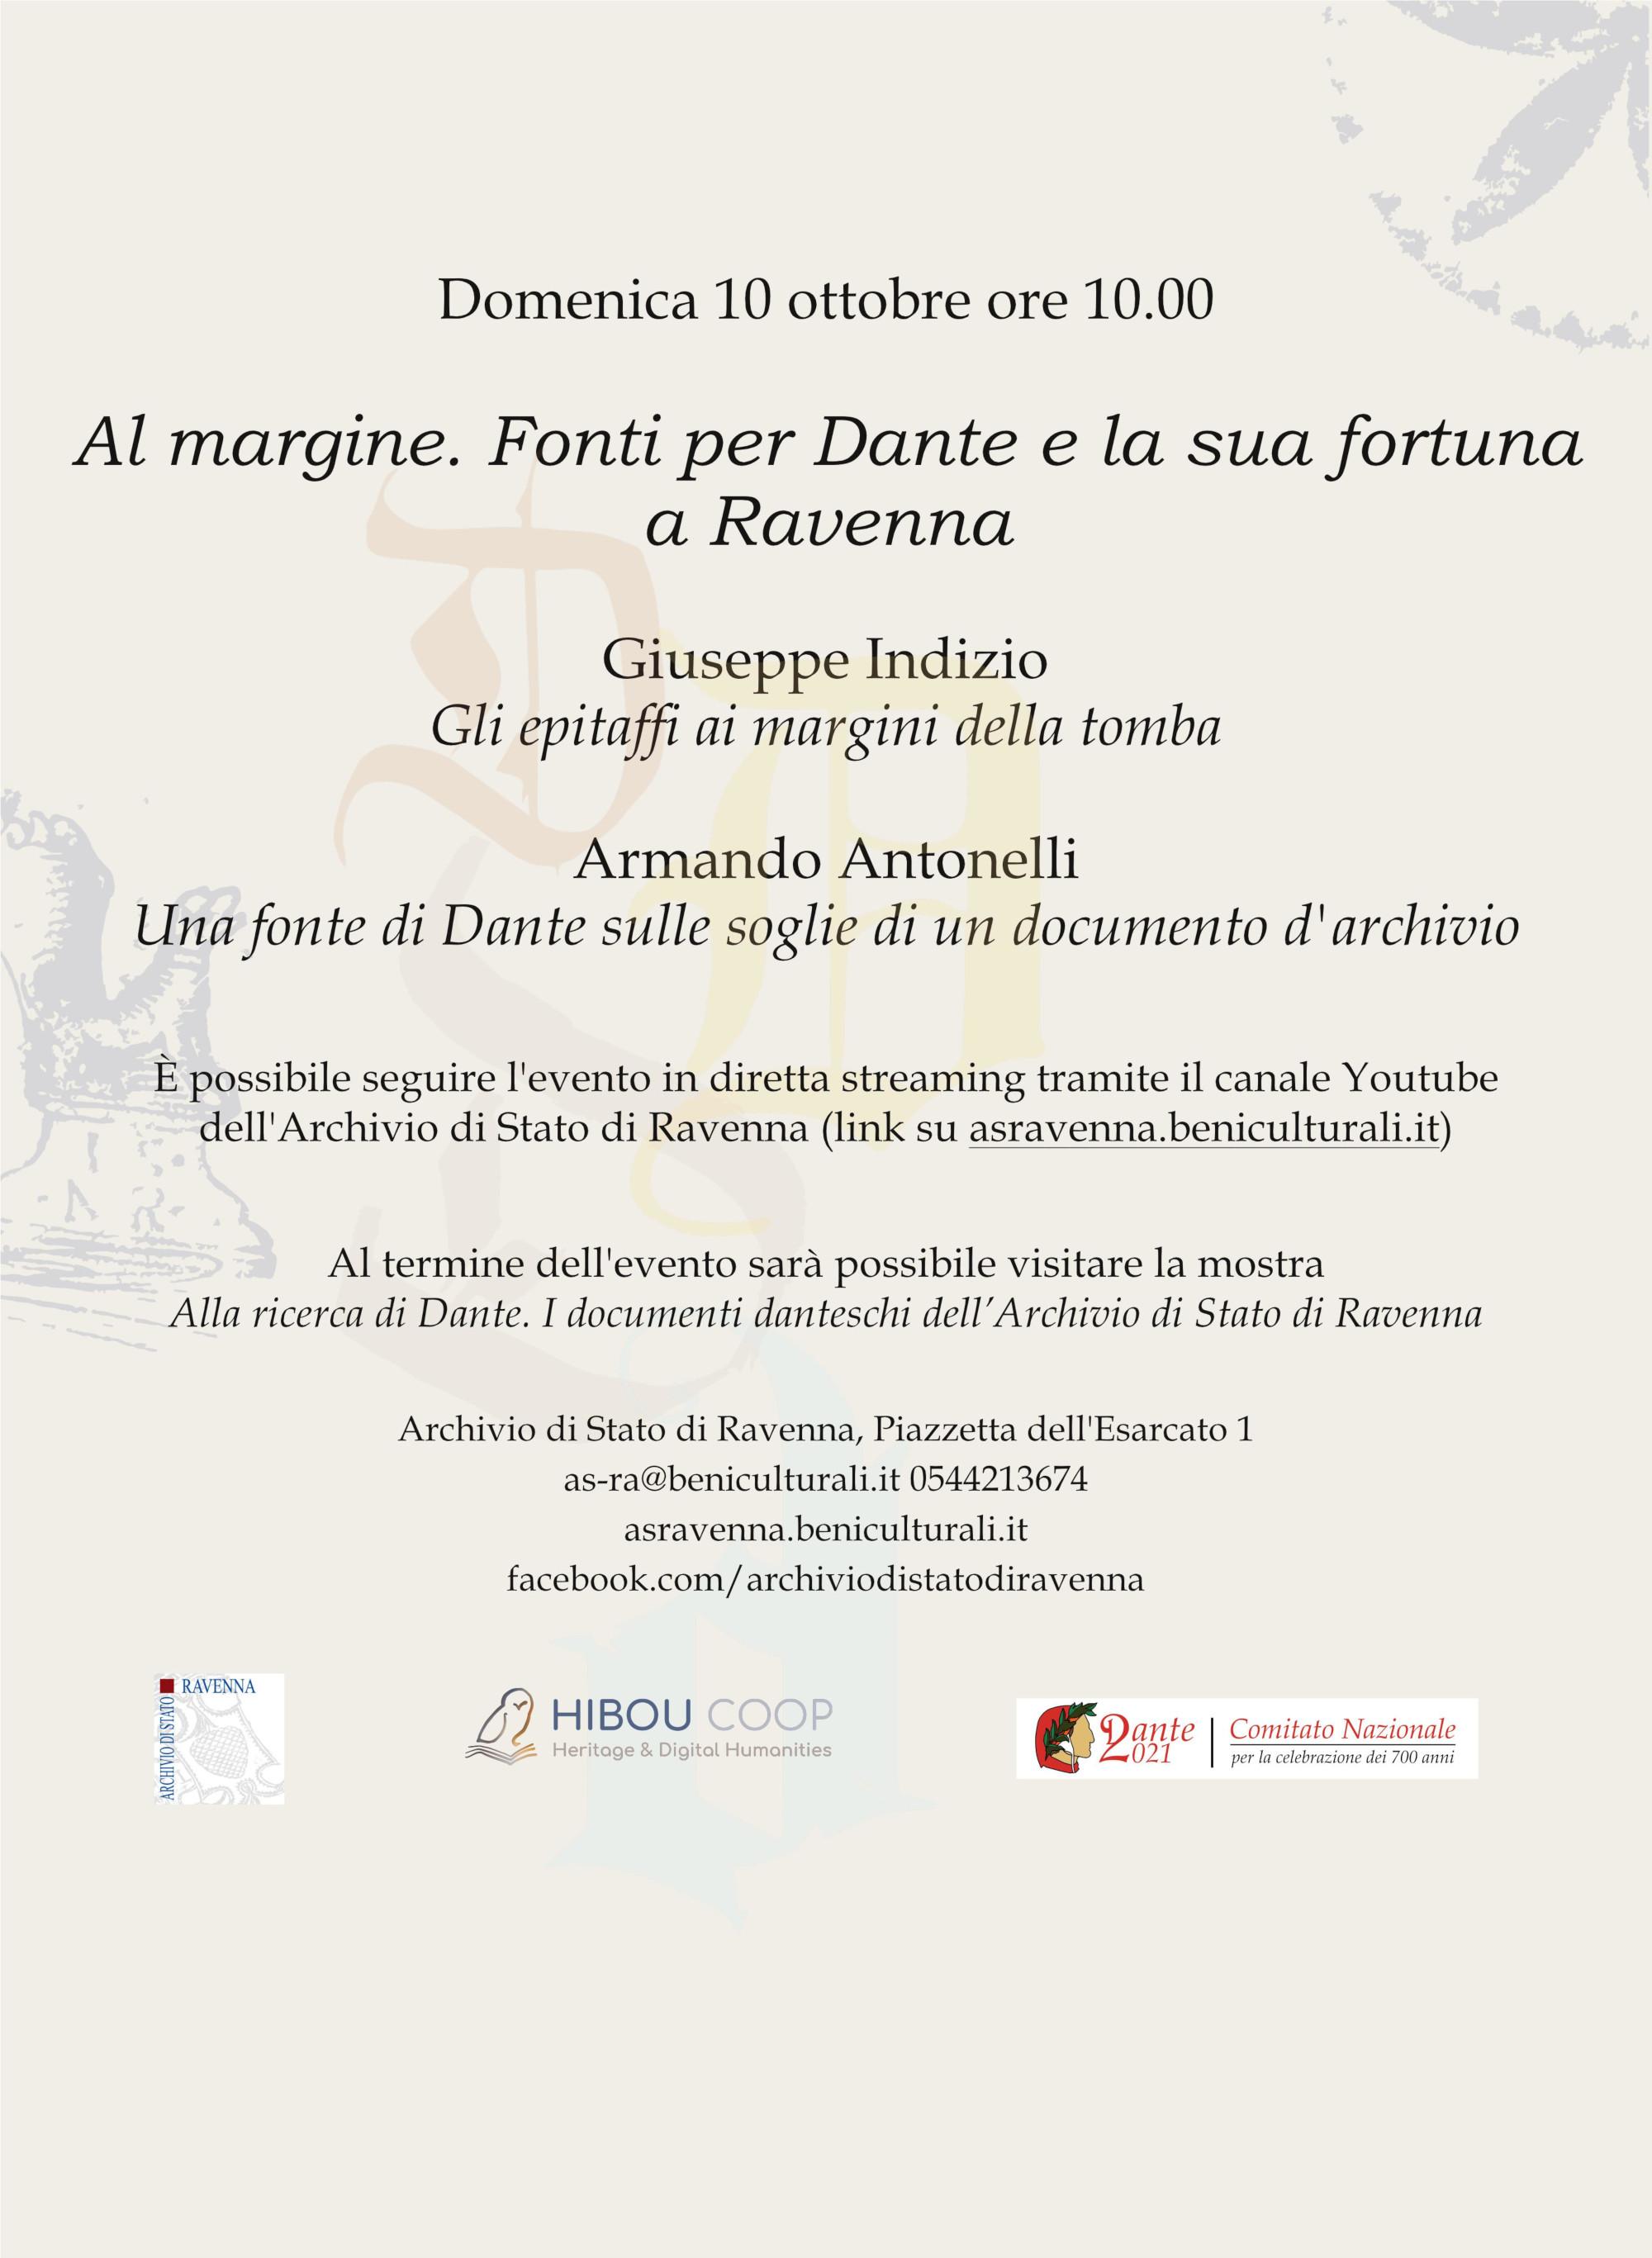 Al margine. Fonti per Dante e la sua fortuna a Ravenna